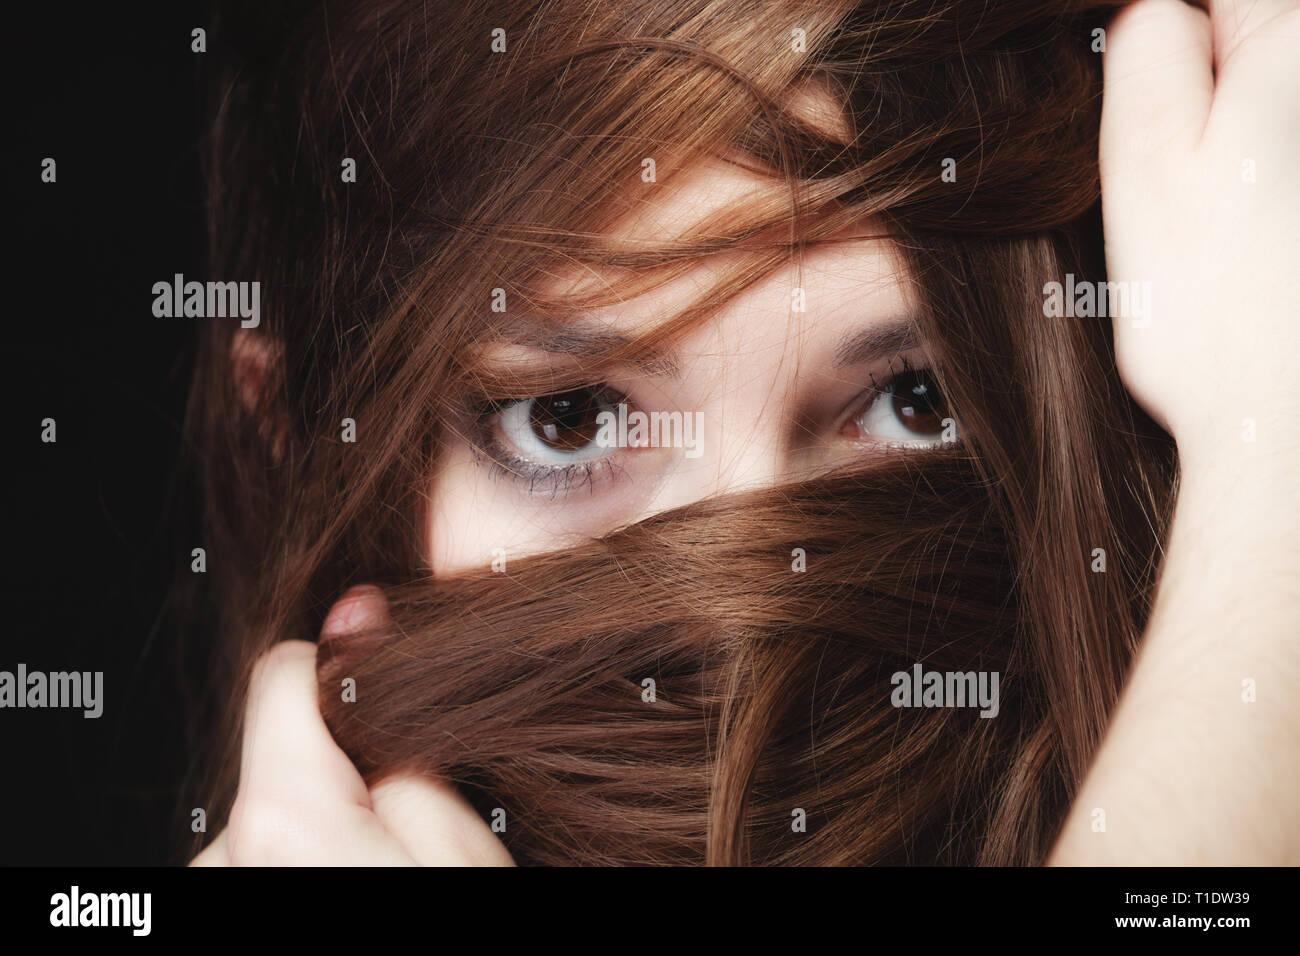 La solitudine di stress e ansia donne concetto. Closeup ritratto bella donna dai capelli scuri, teen ragazza che ricopre la faccia da lunghi peli di colore marrone su nero Foto Stock